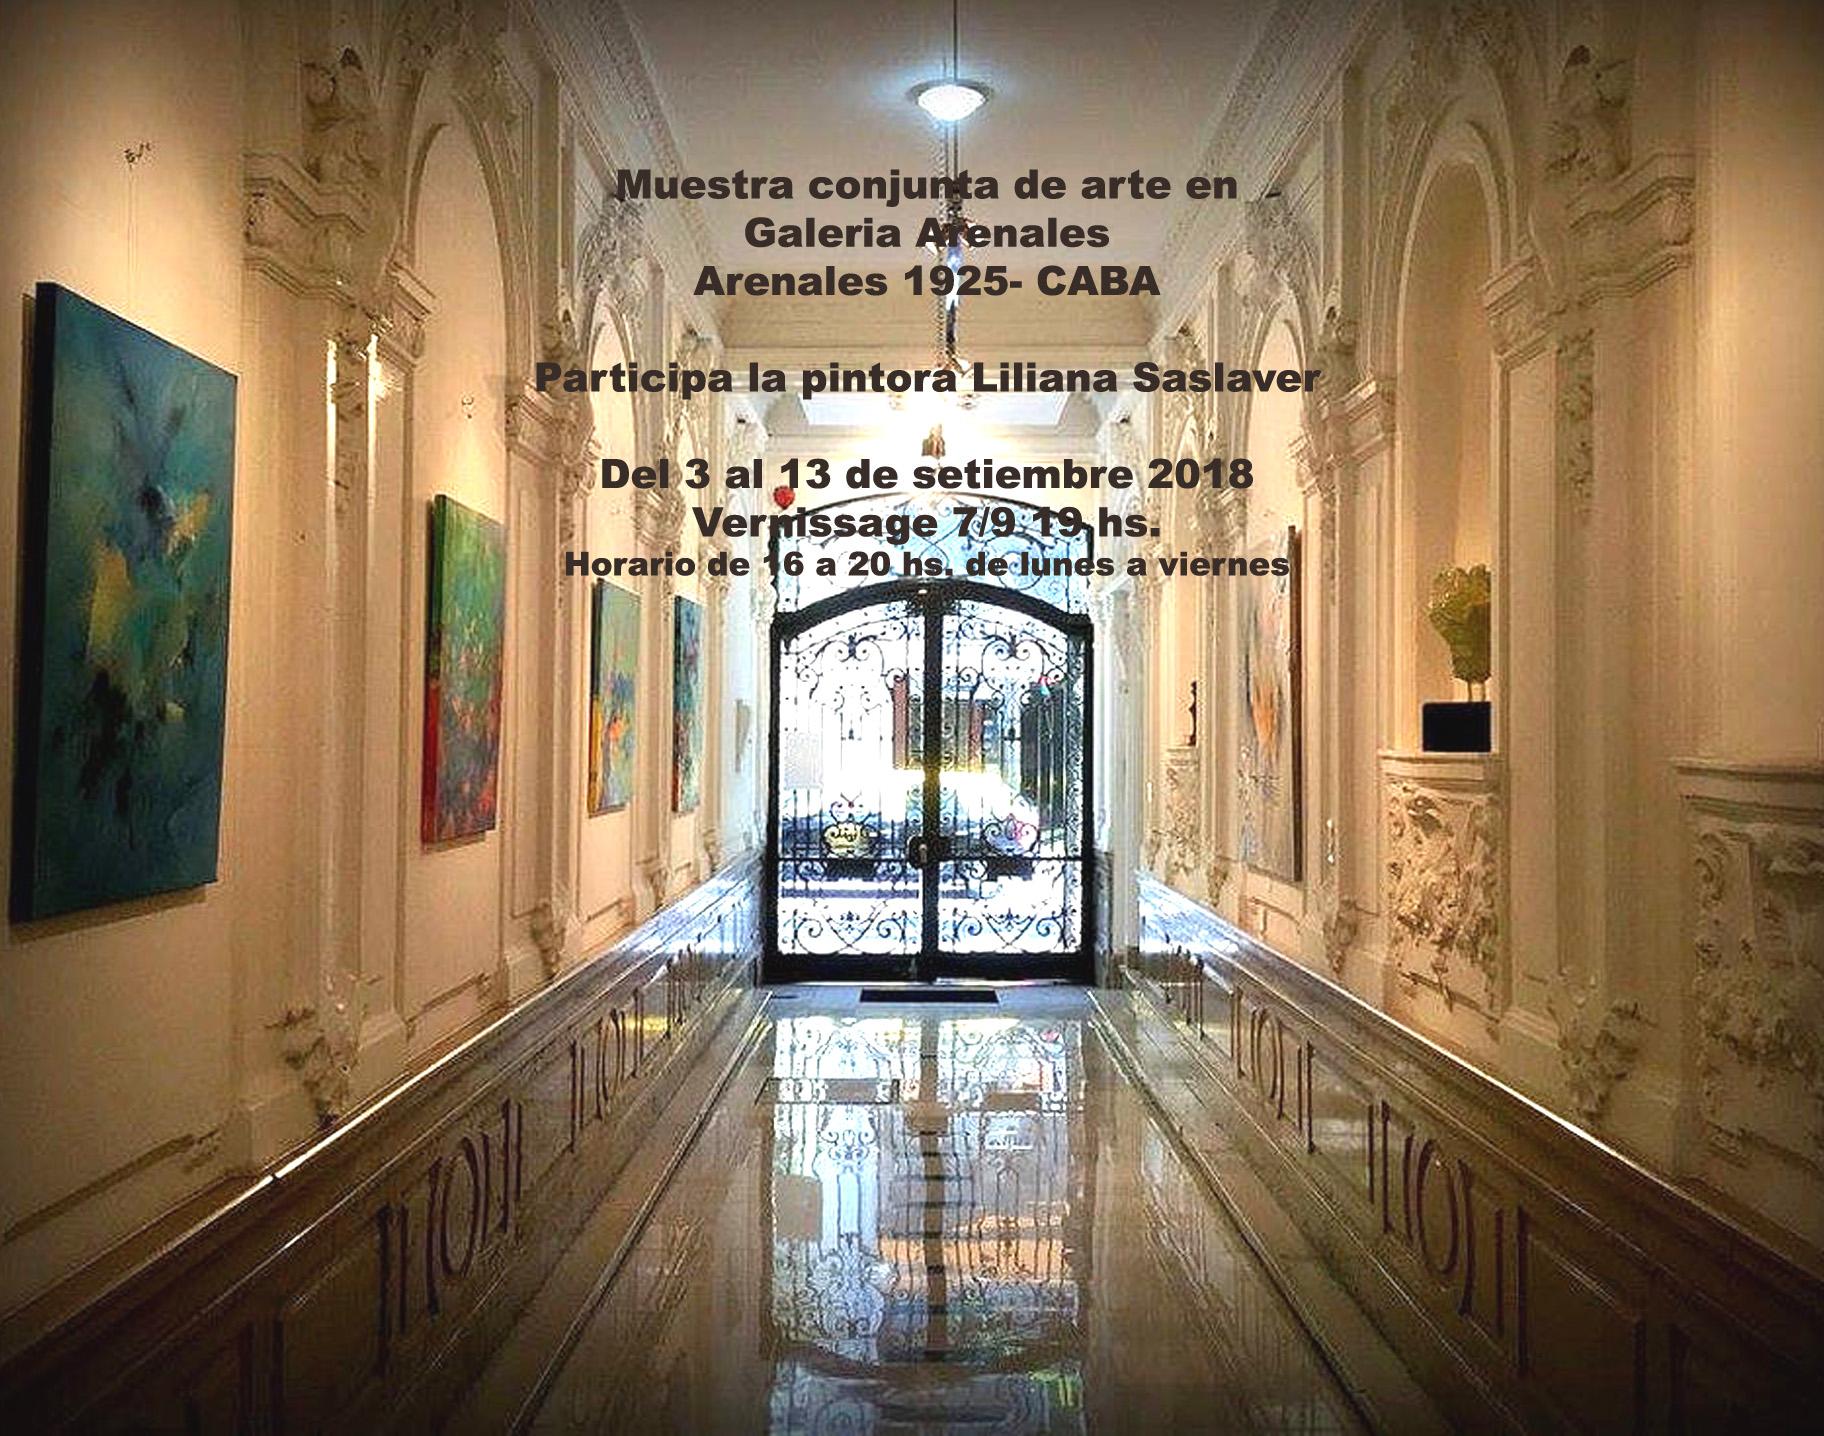 Galería Arenales